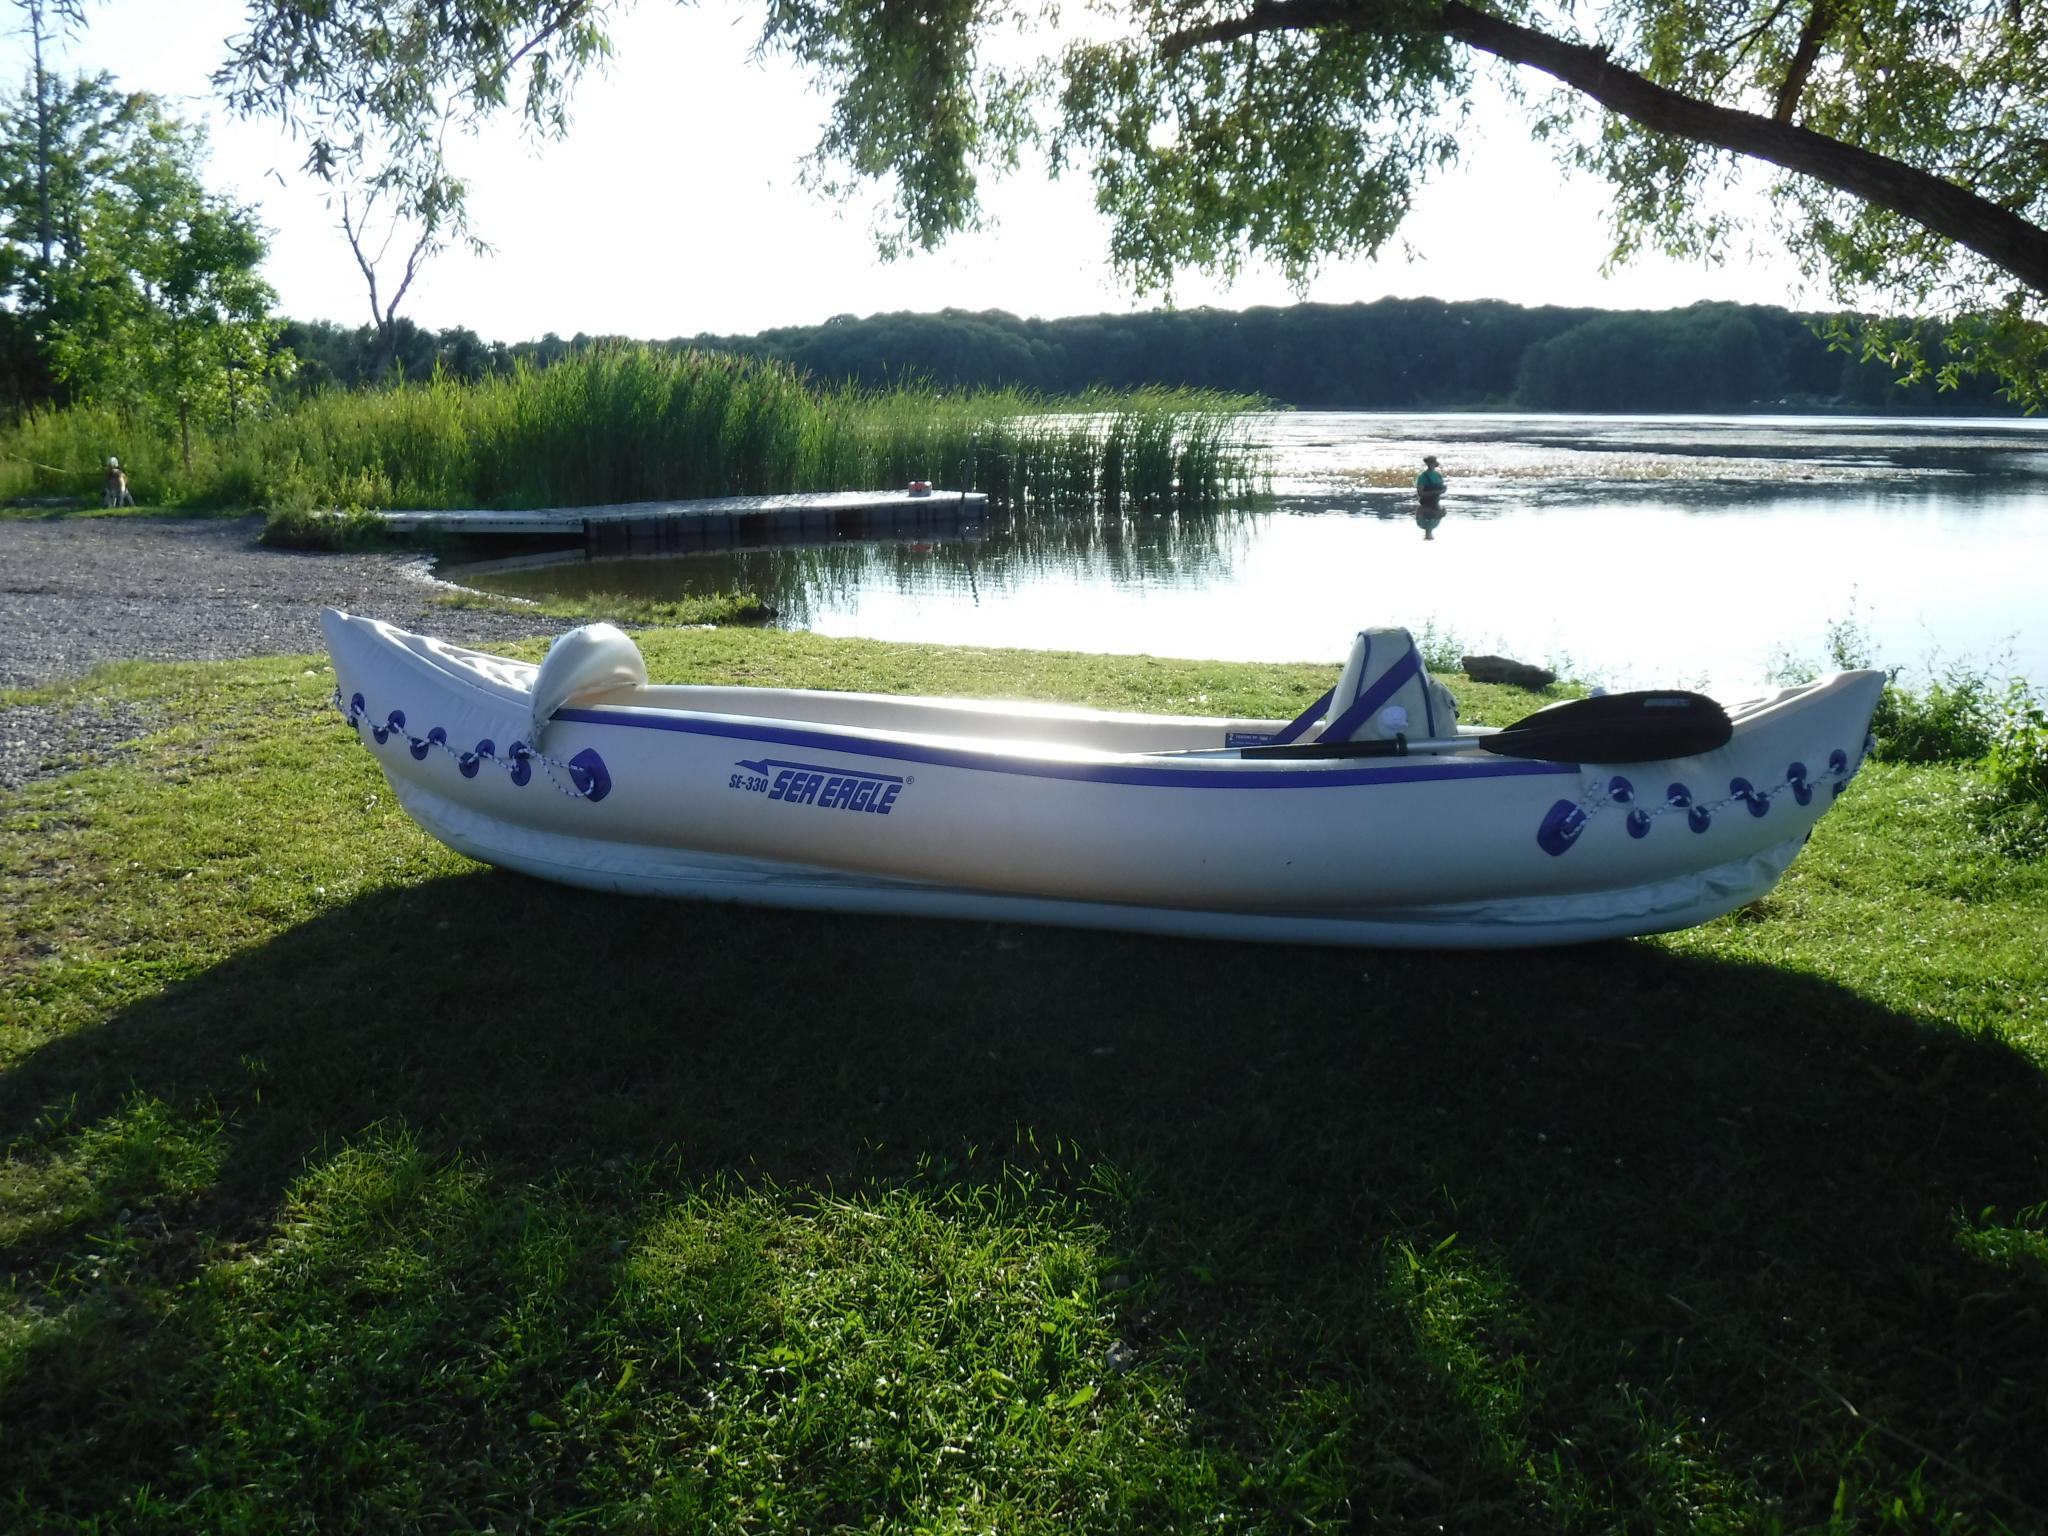 Kayaking Mendon Ponds Park Sea Eagle 330